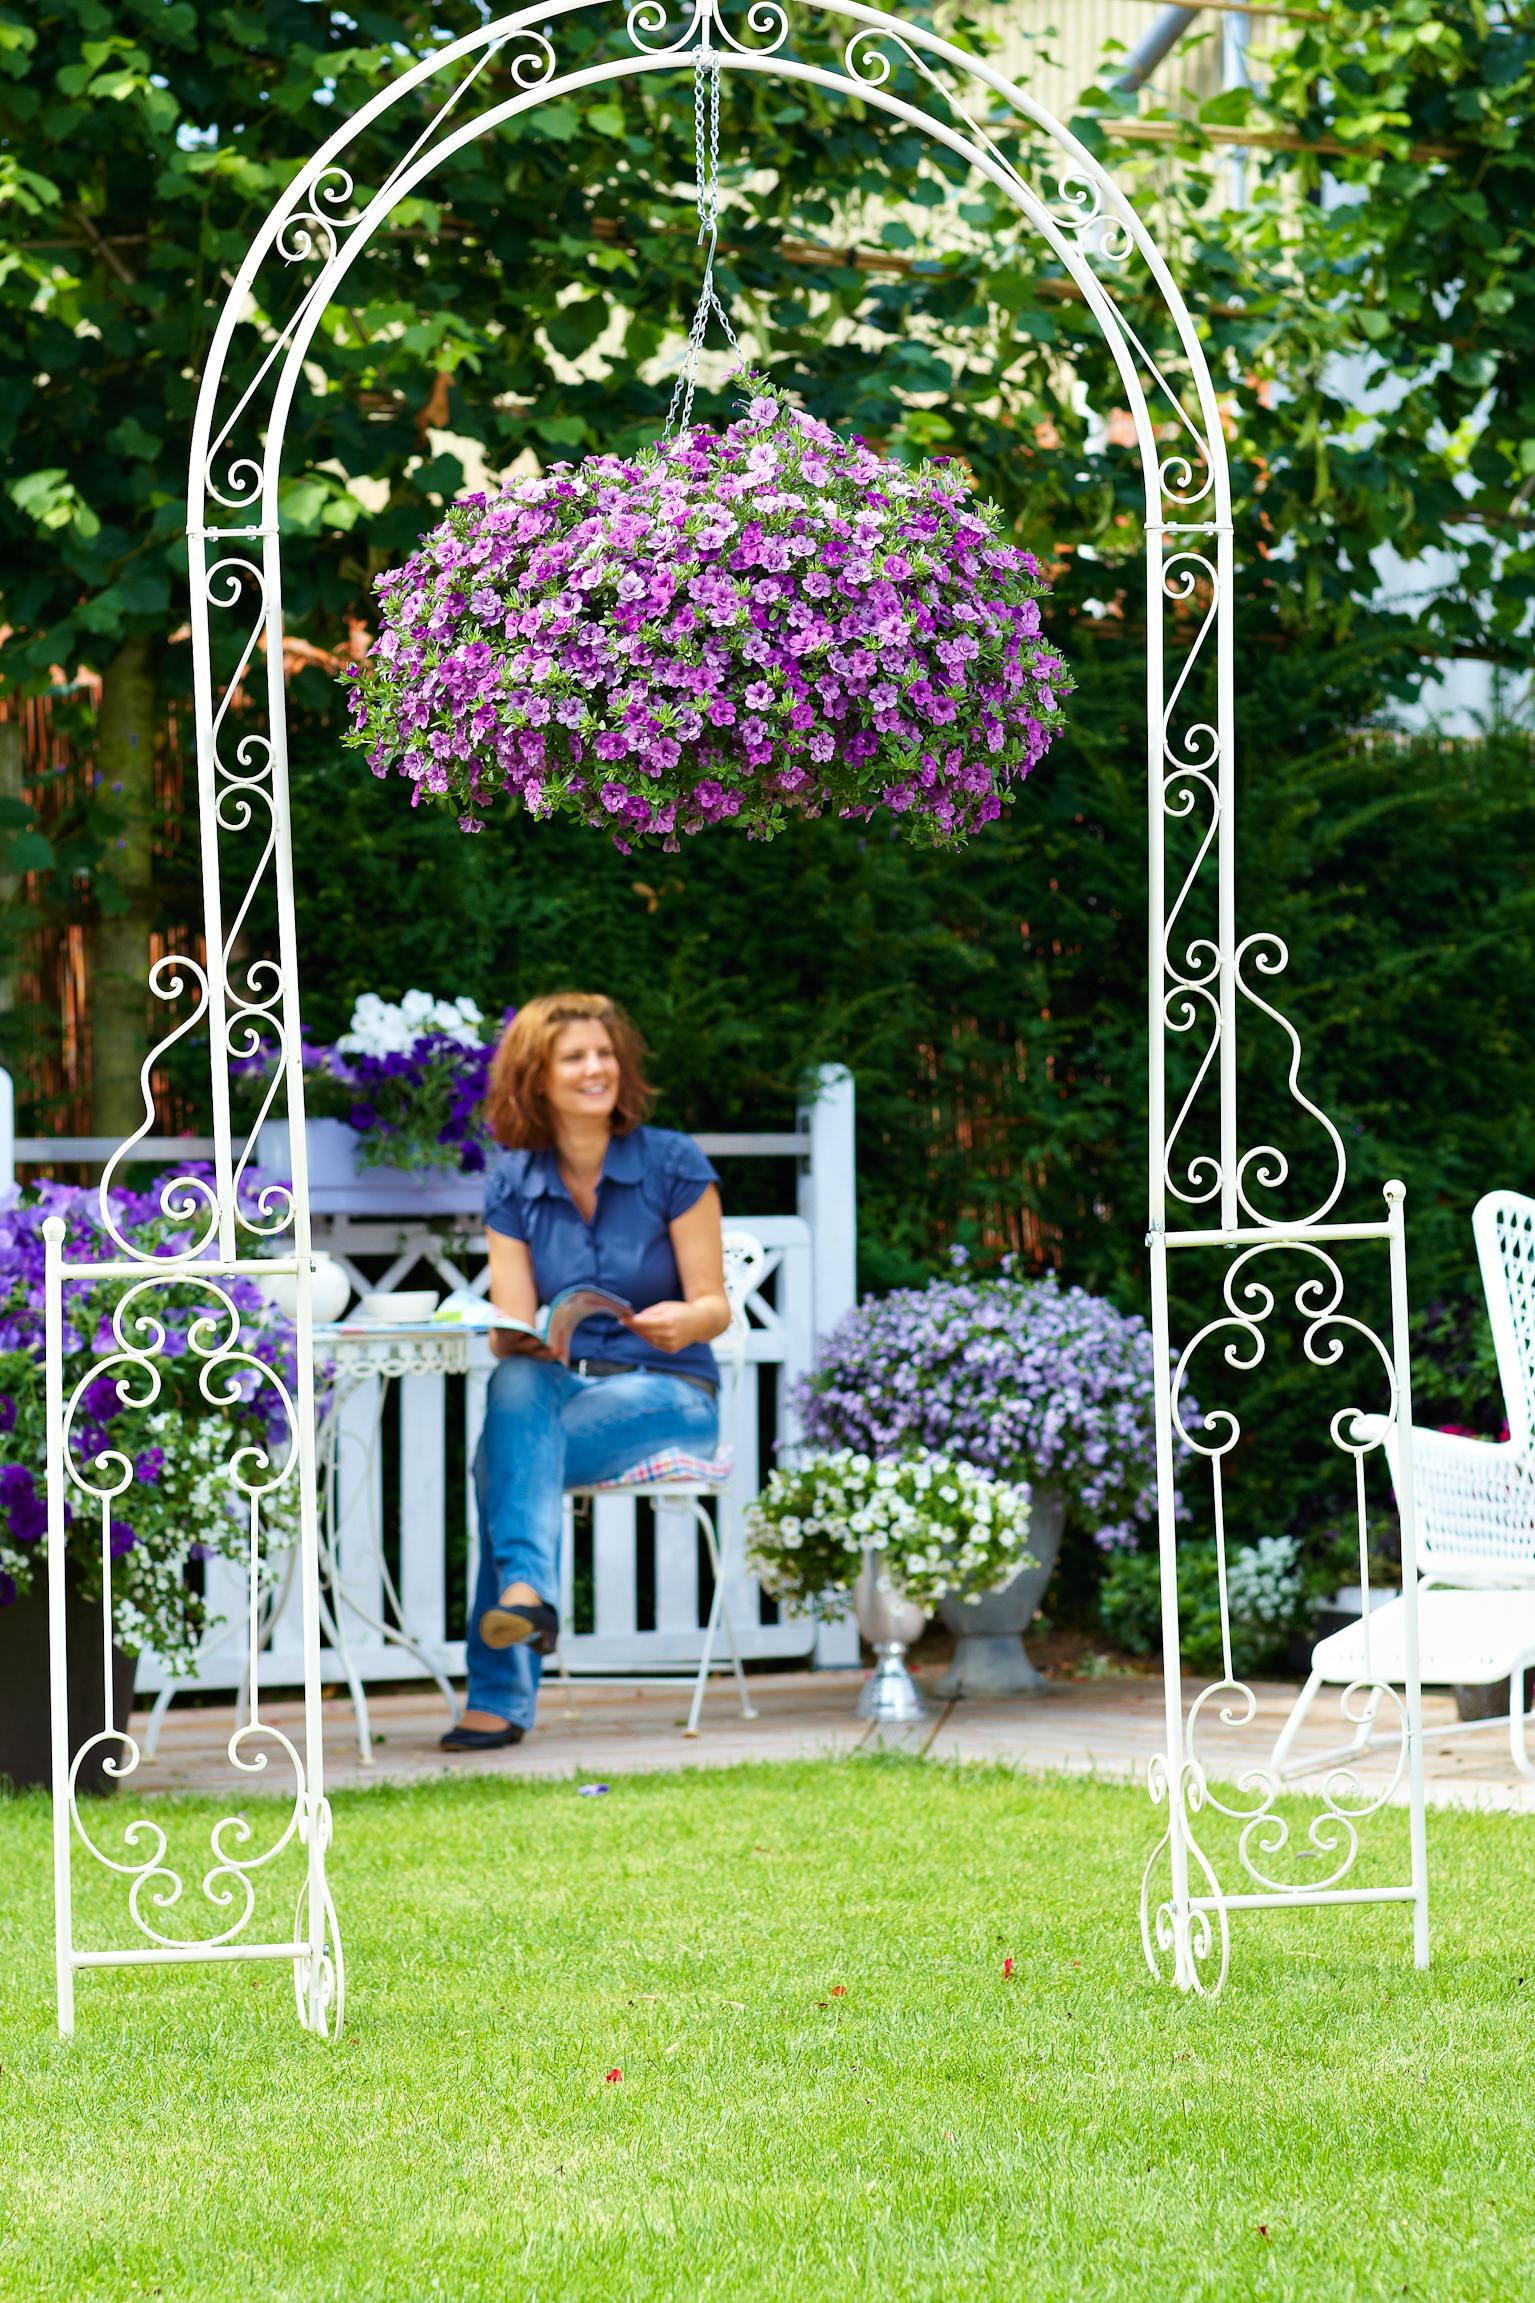 Im siebten Himmel: Blumenampeln und Hanging Baskets schaffen zusätzlichen Platz für Blüten